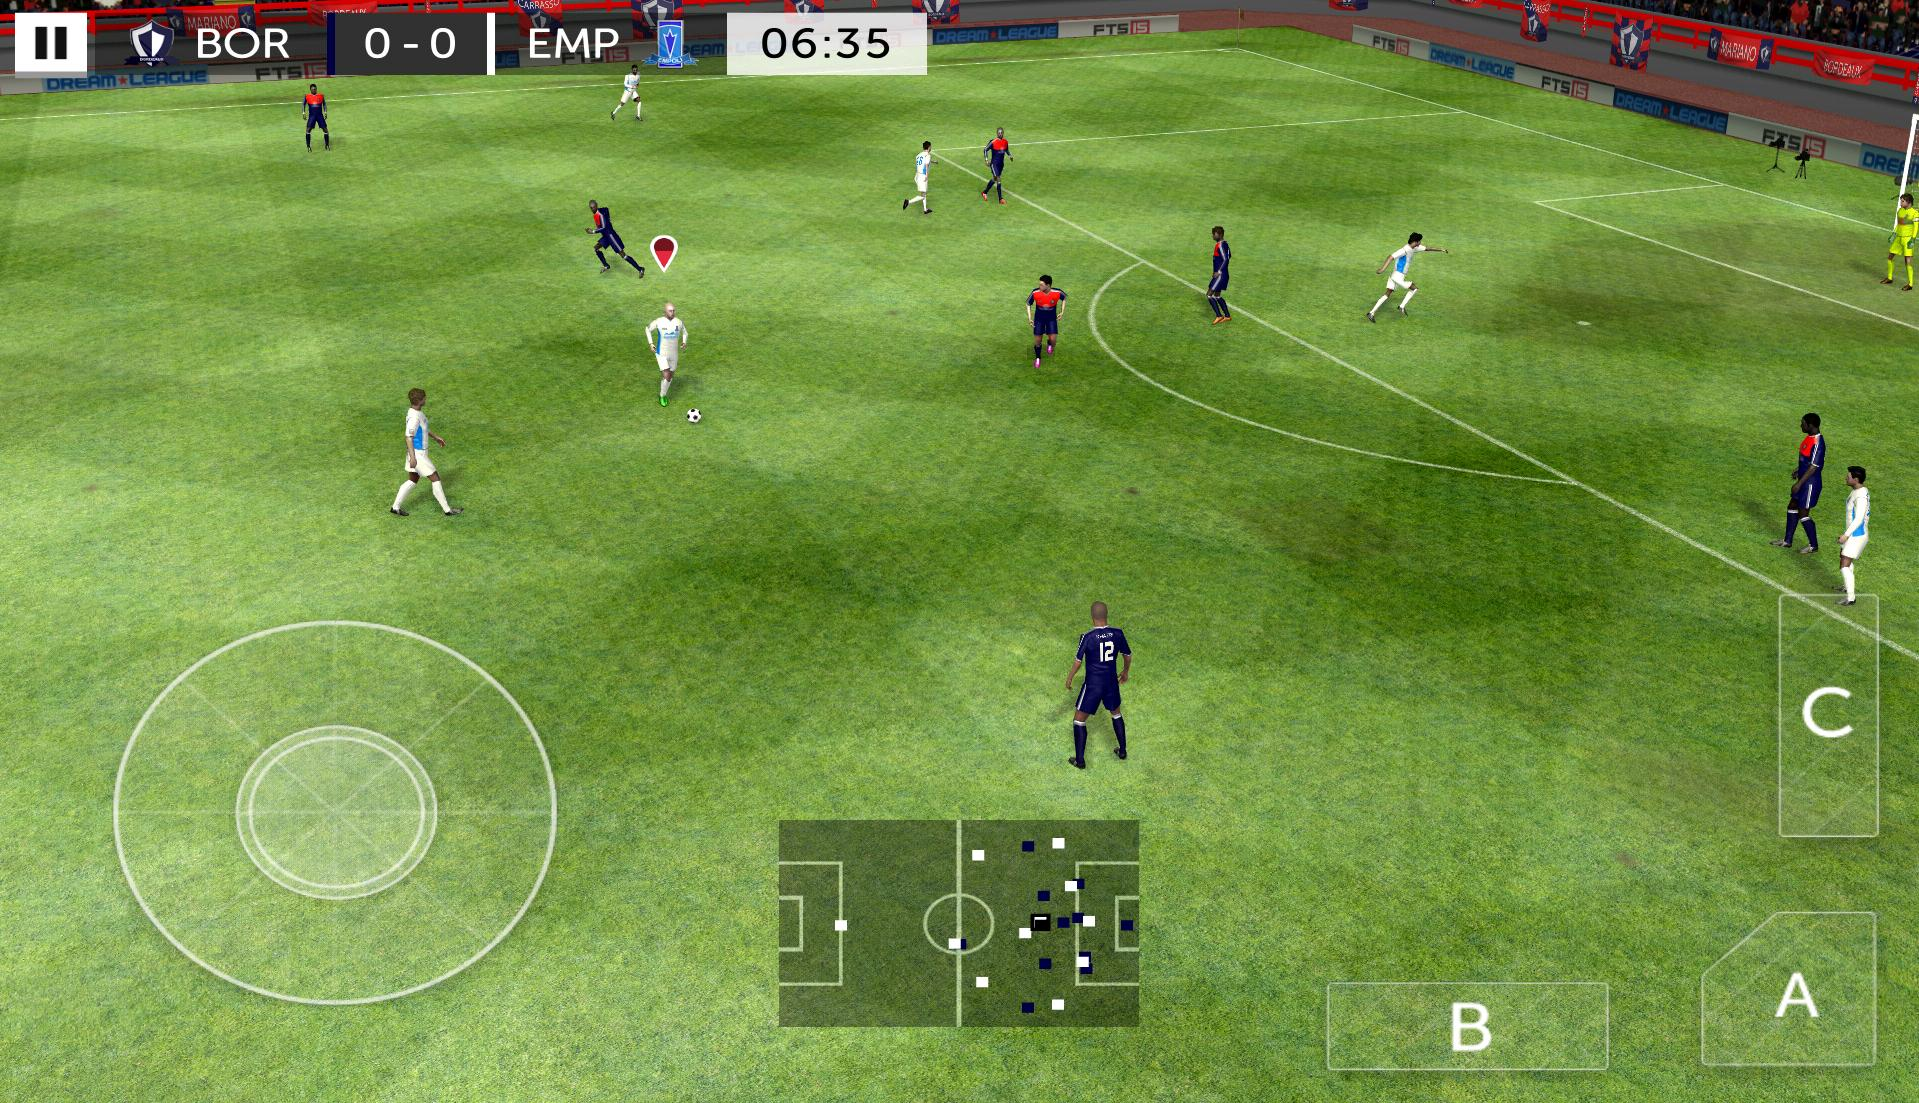 تحميل لعبة First Touch Soccer 2015 للاندرويد